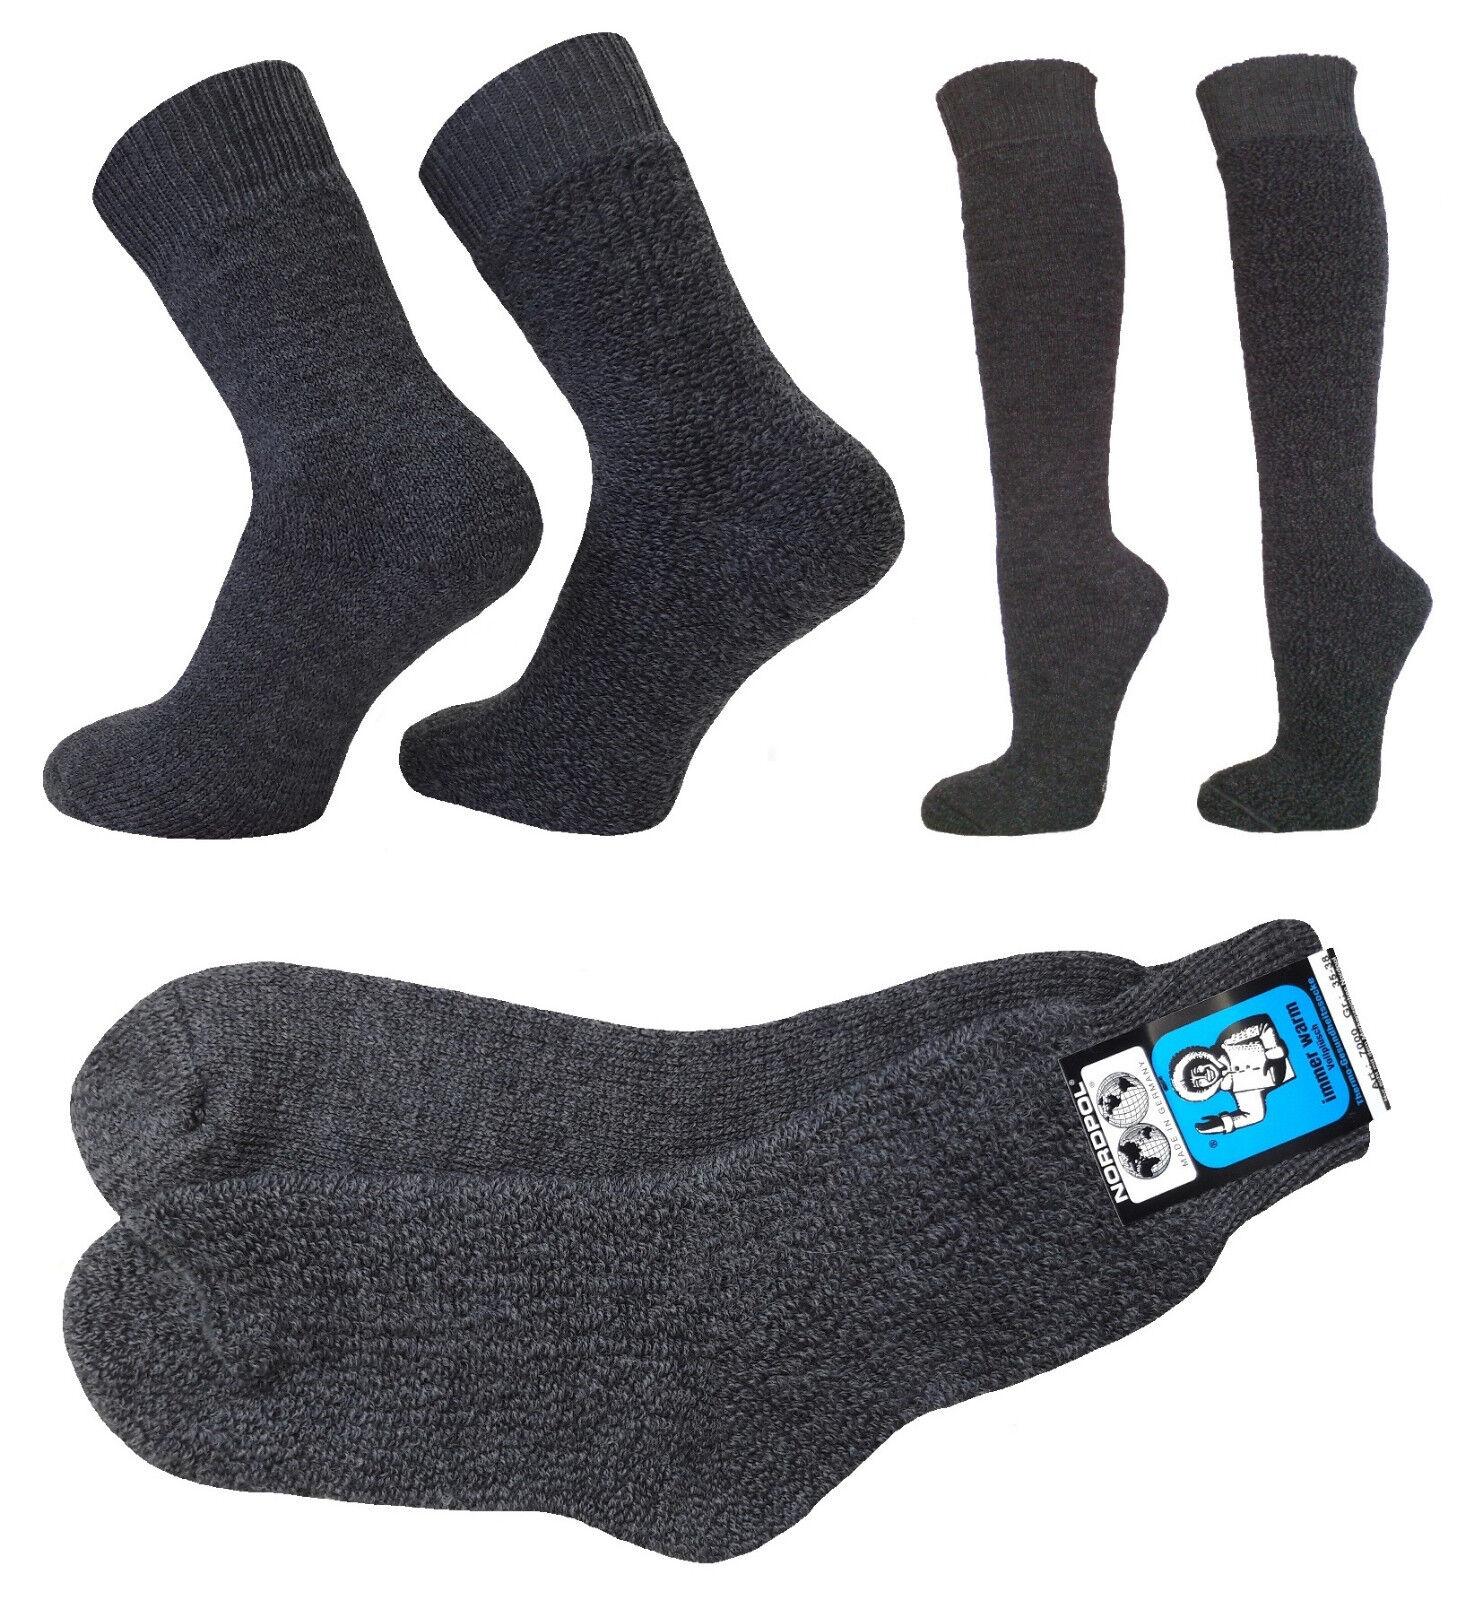 Made in Germany Schurwoll-Socken Wollsocken Wollstrümpfe Business